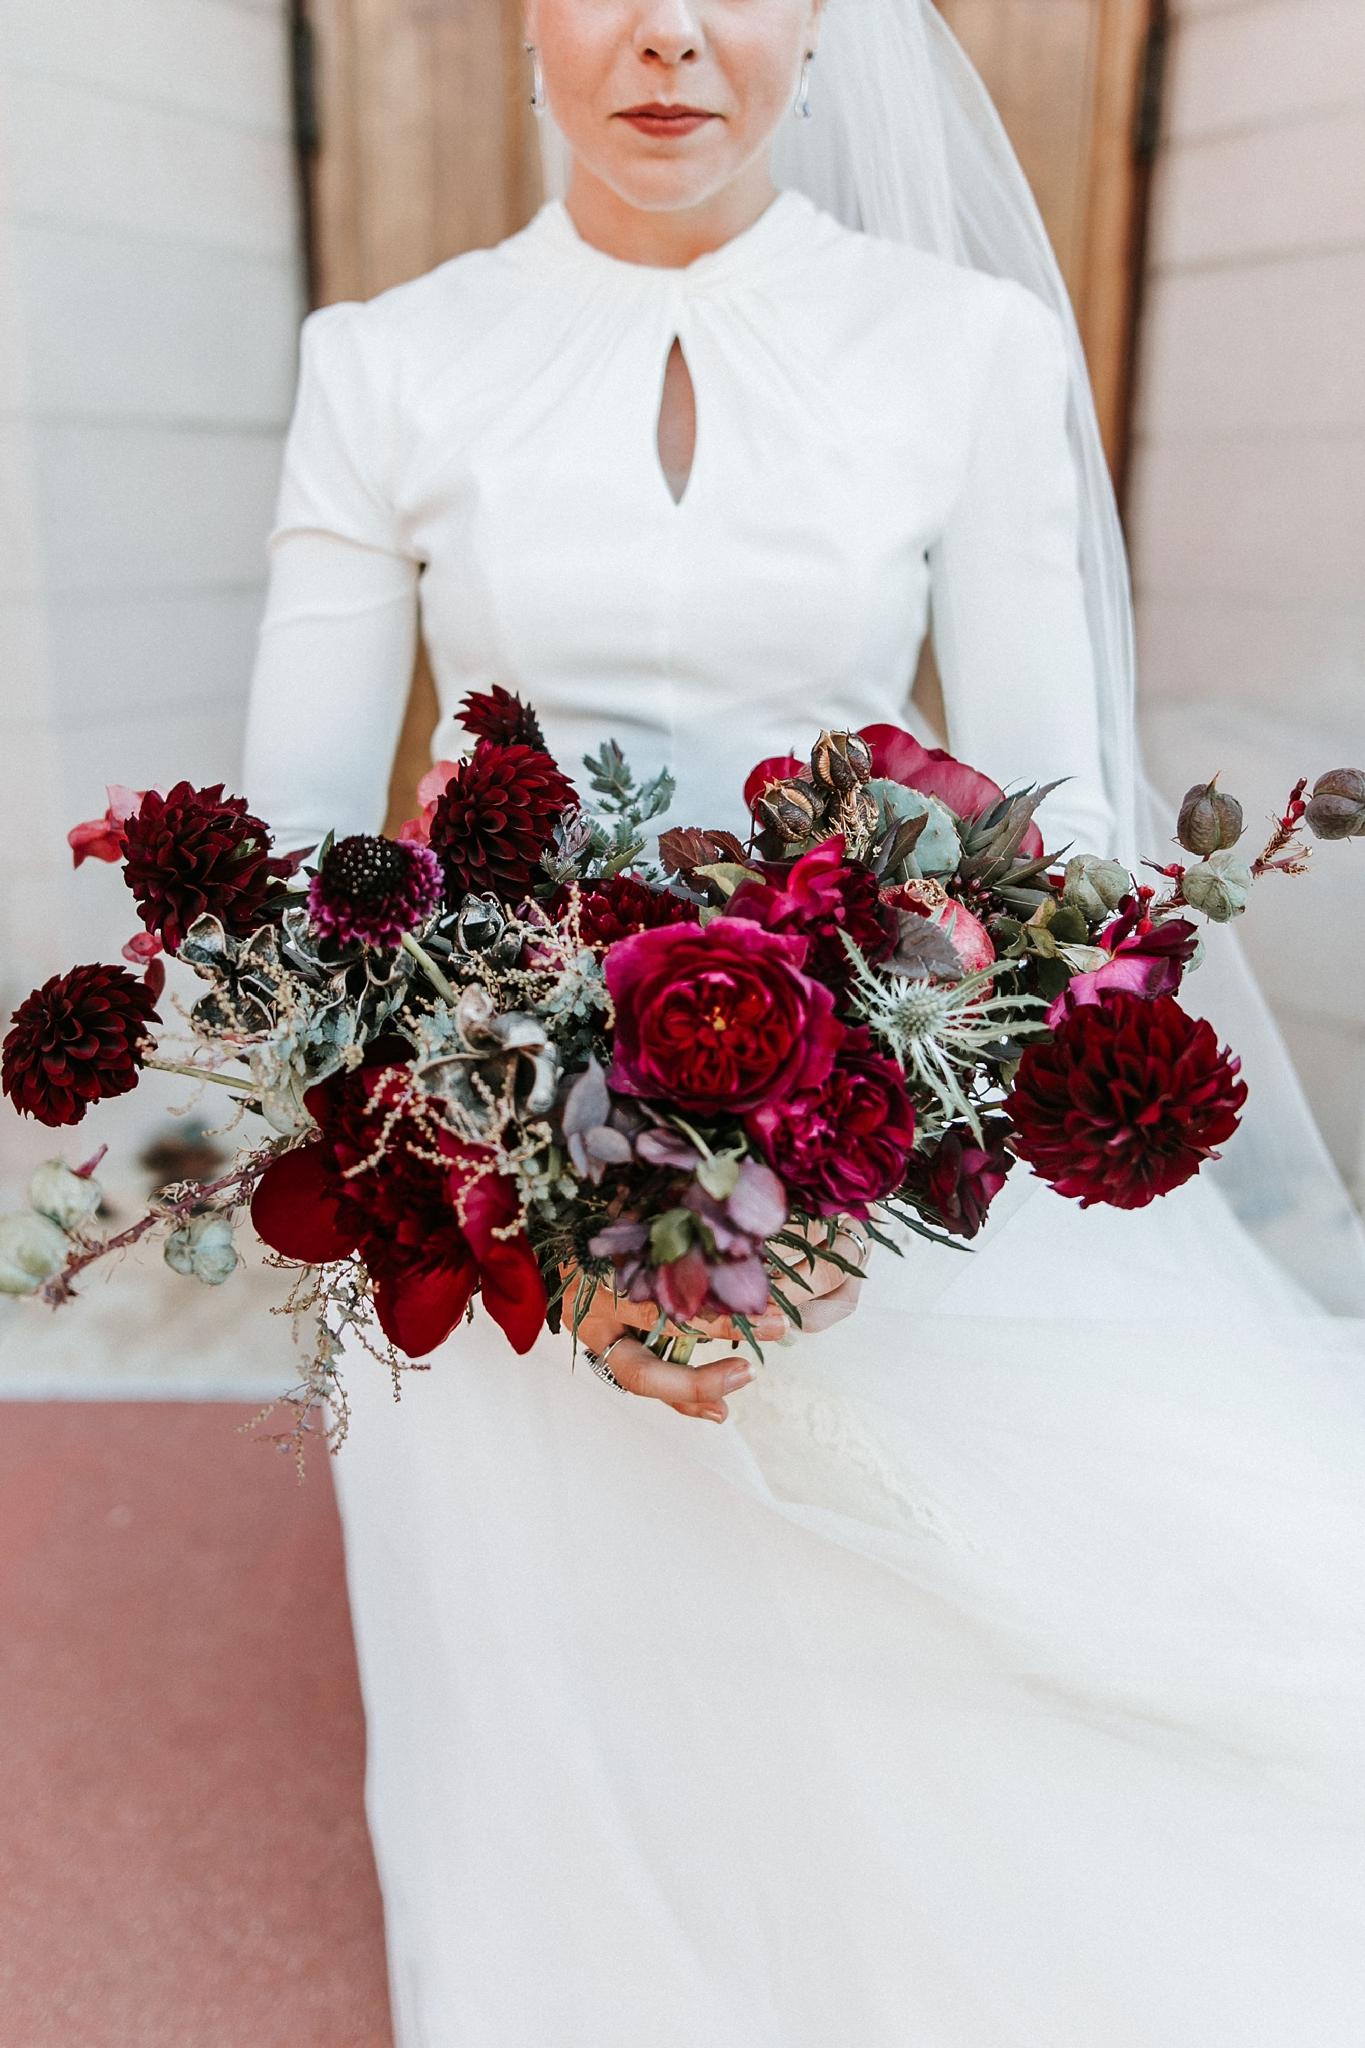 Alicia+lucia+photography+-+albuquerque+wedding+photographer+-+santa+fe+wedding+photography+-+new+mexico+wedding+photographer+-+new+mexico+wedding+-+new+mexico+florist+-+floriography+flowers+-+floriography+flowers+new+mexico+-+wedding+florist_0071.jpg